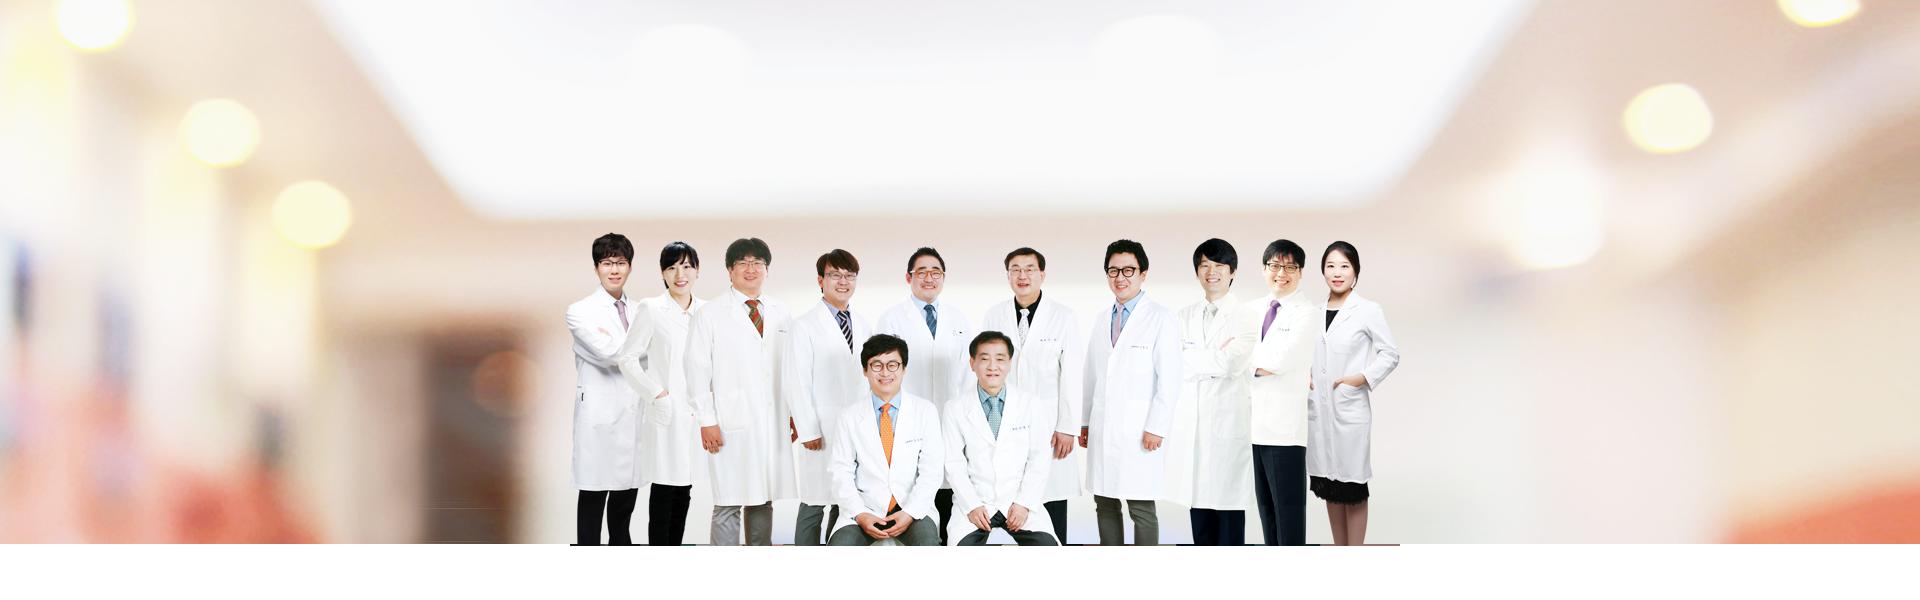 2016홈페이지-메인-로테이션-이미지-원장님-수정_pc